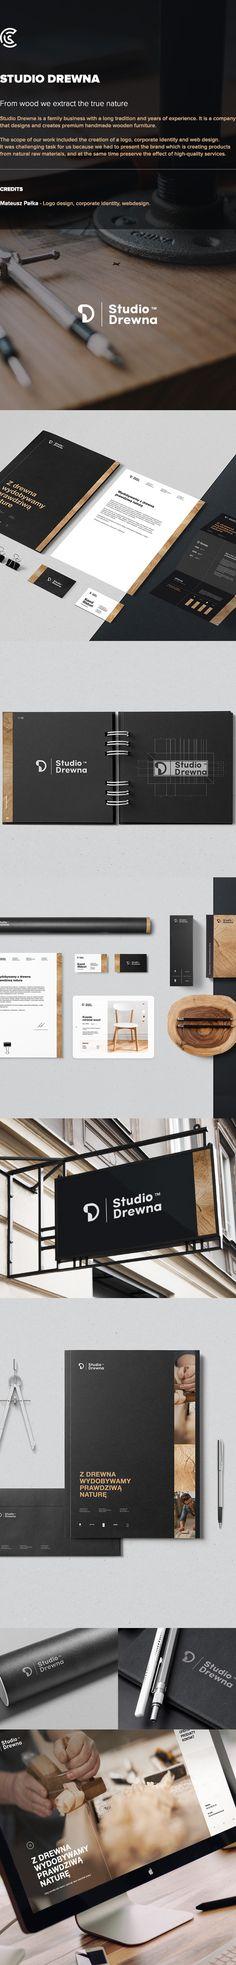 Studio Drewna on Branding Served